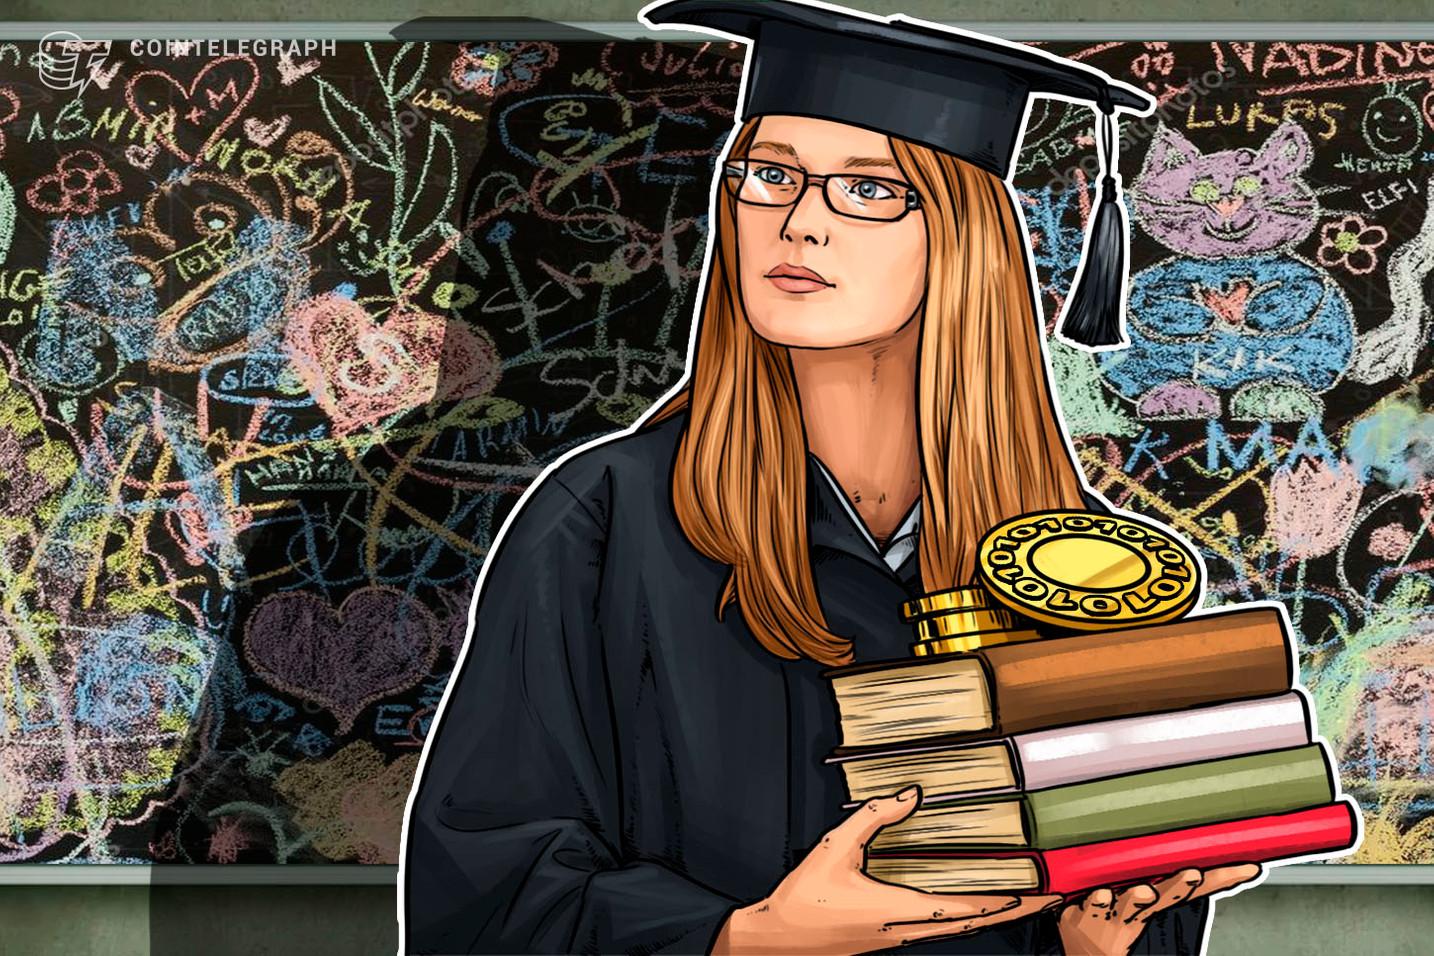 Nuove statistiche: Studenti e dipendenti usano sempre di più le criptovalute